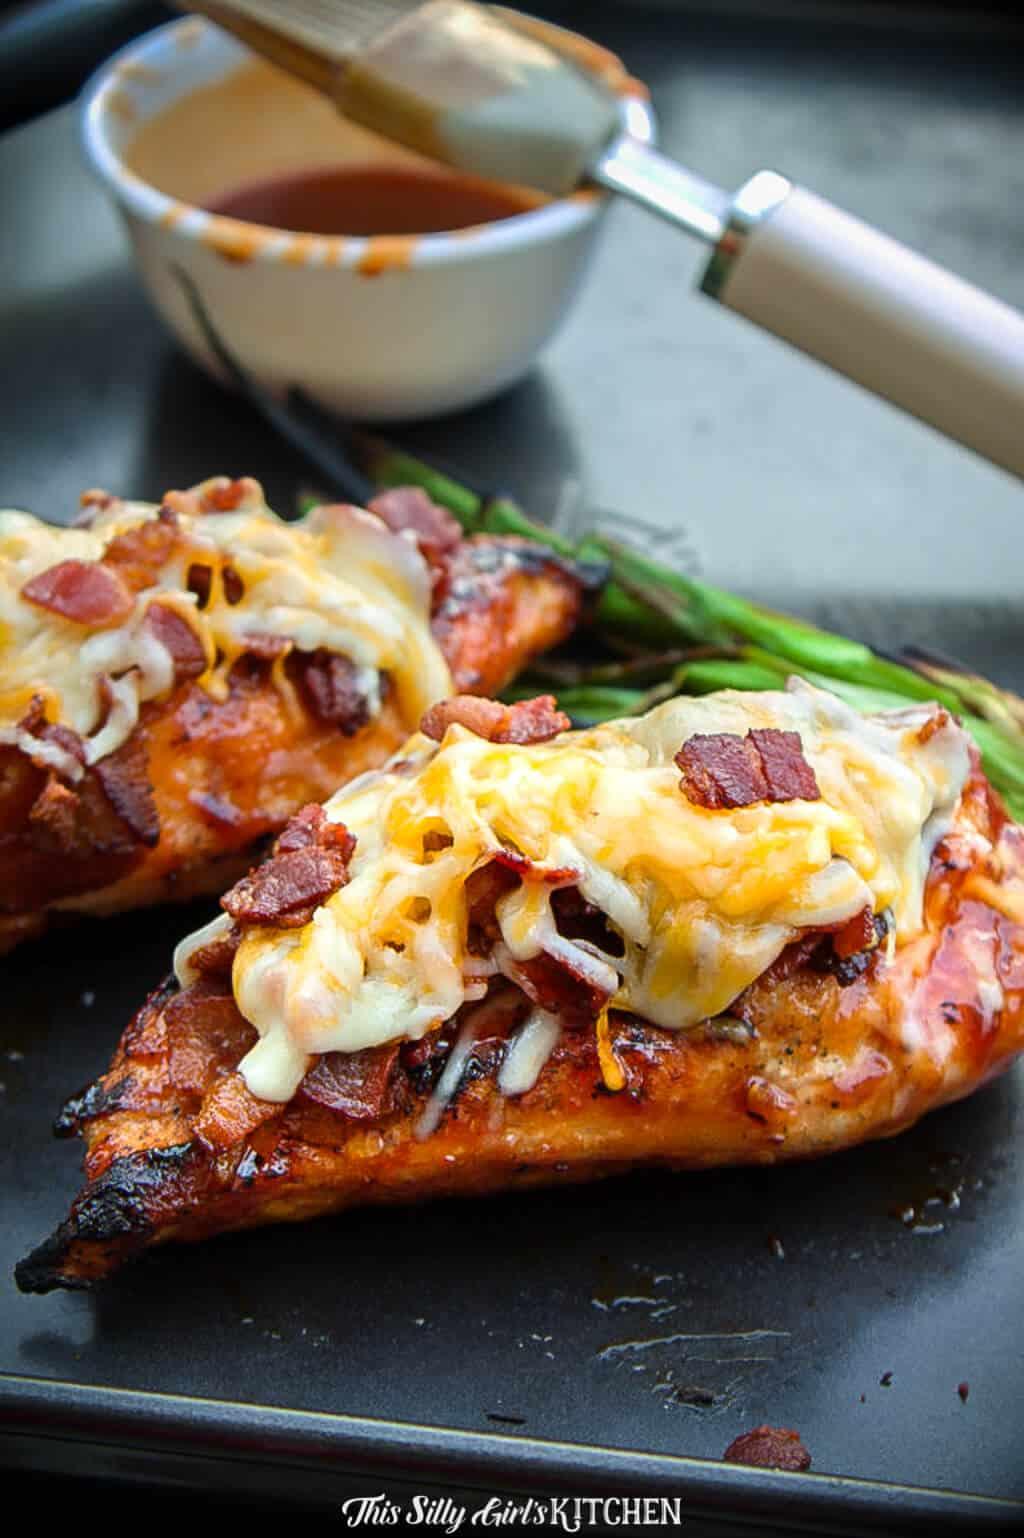 Monterey chicken, an easy grilled bbq chicken topped with BACON and melty cheese. #recipe from ThisSillyGirlsKitchen.com #montereychicken #grilledchicken #bbqchicken #chicken